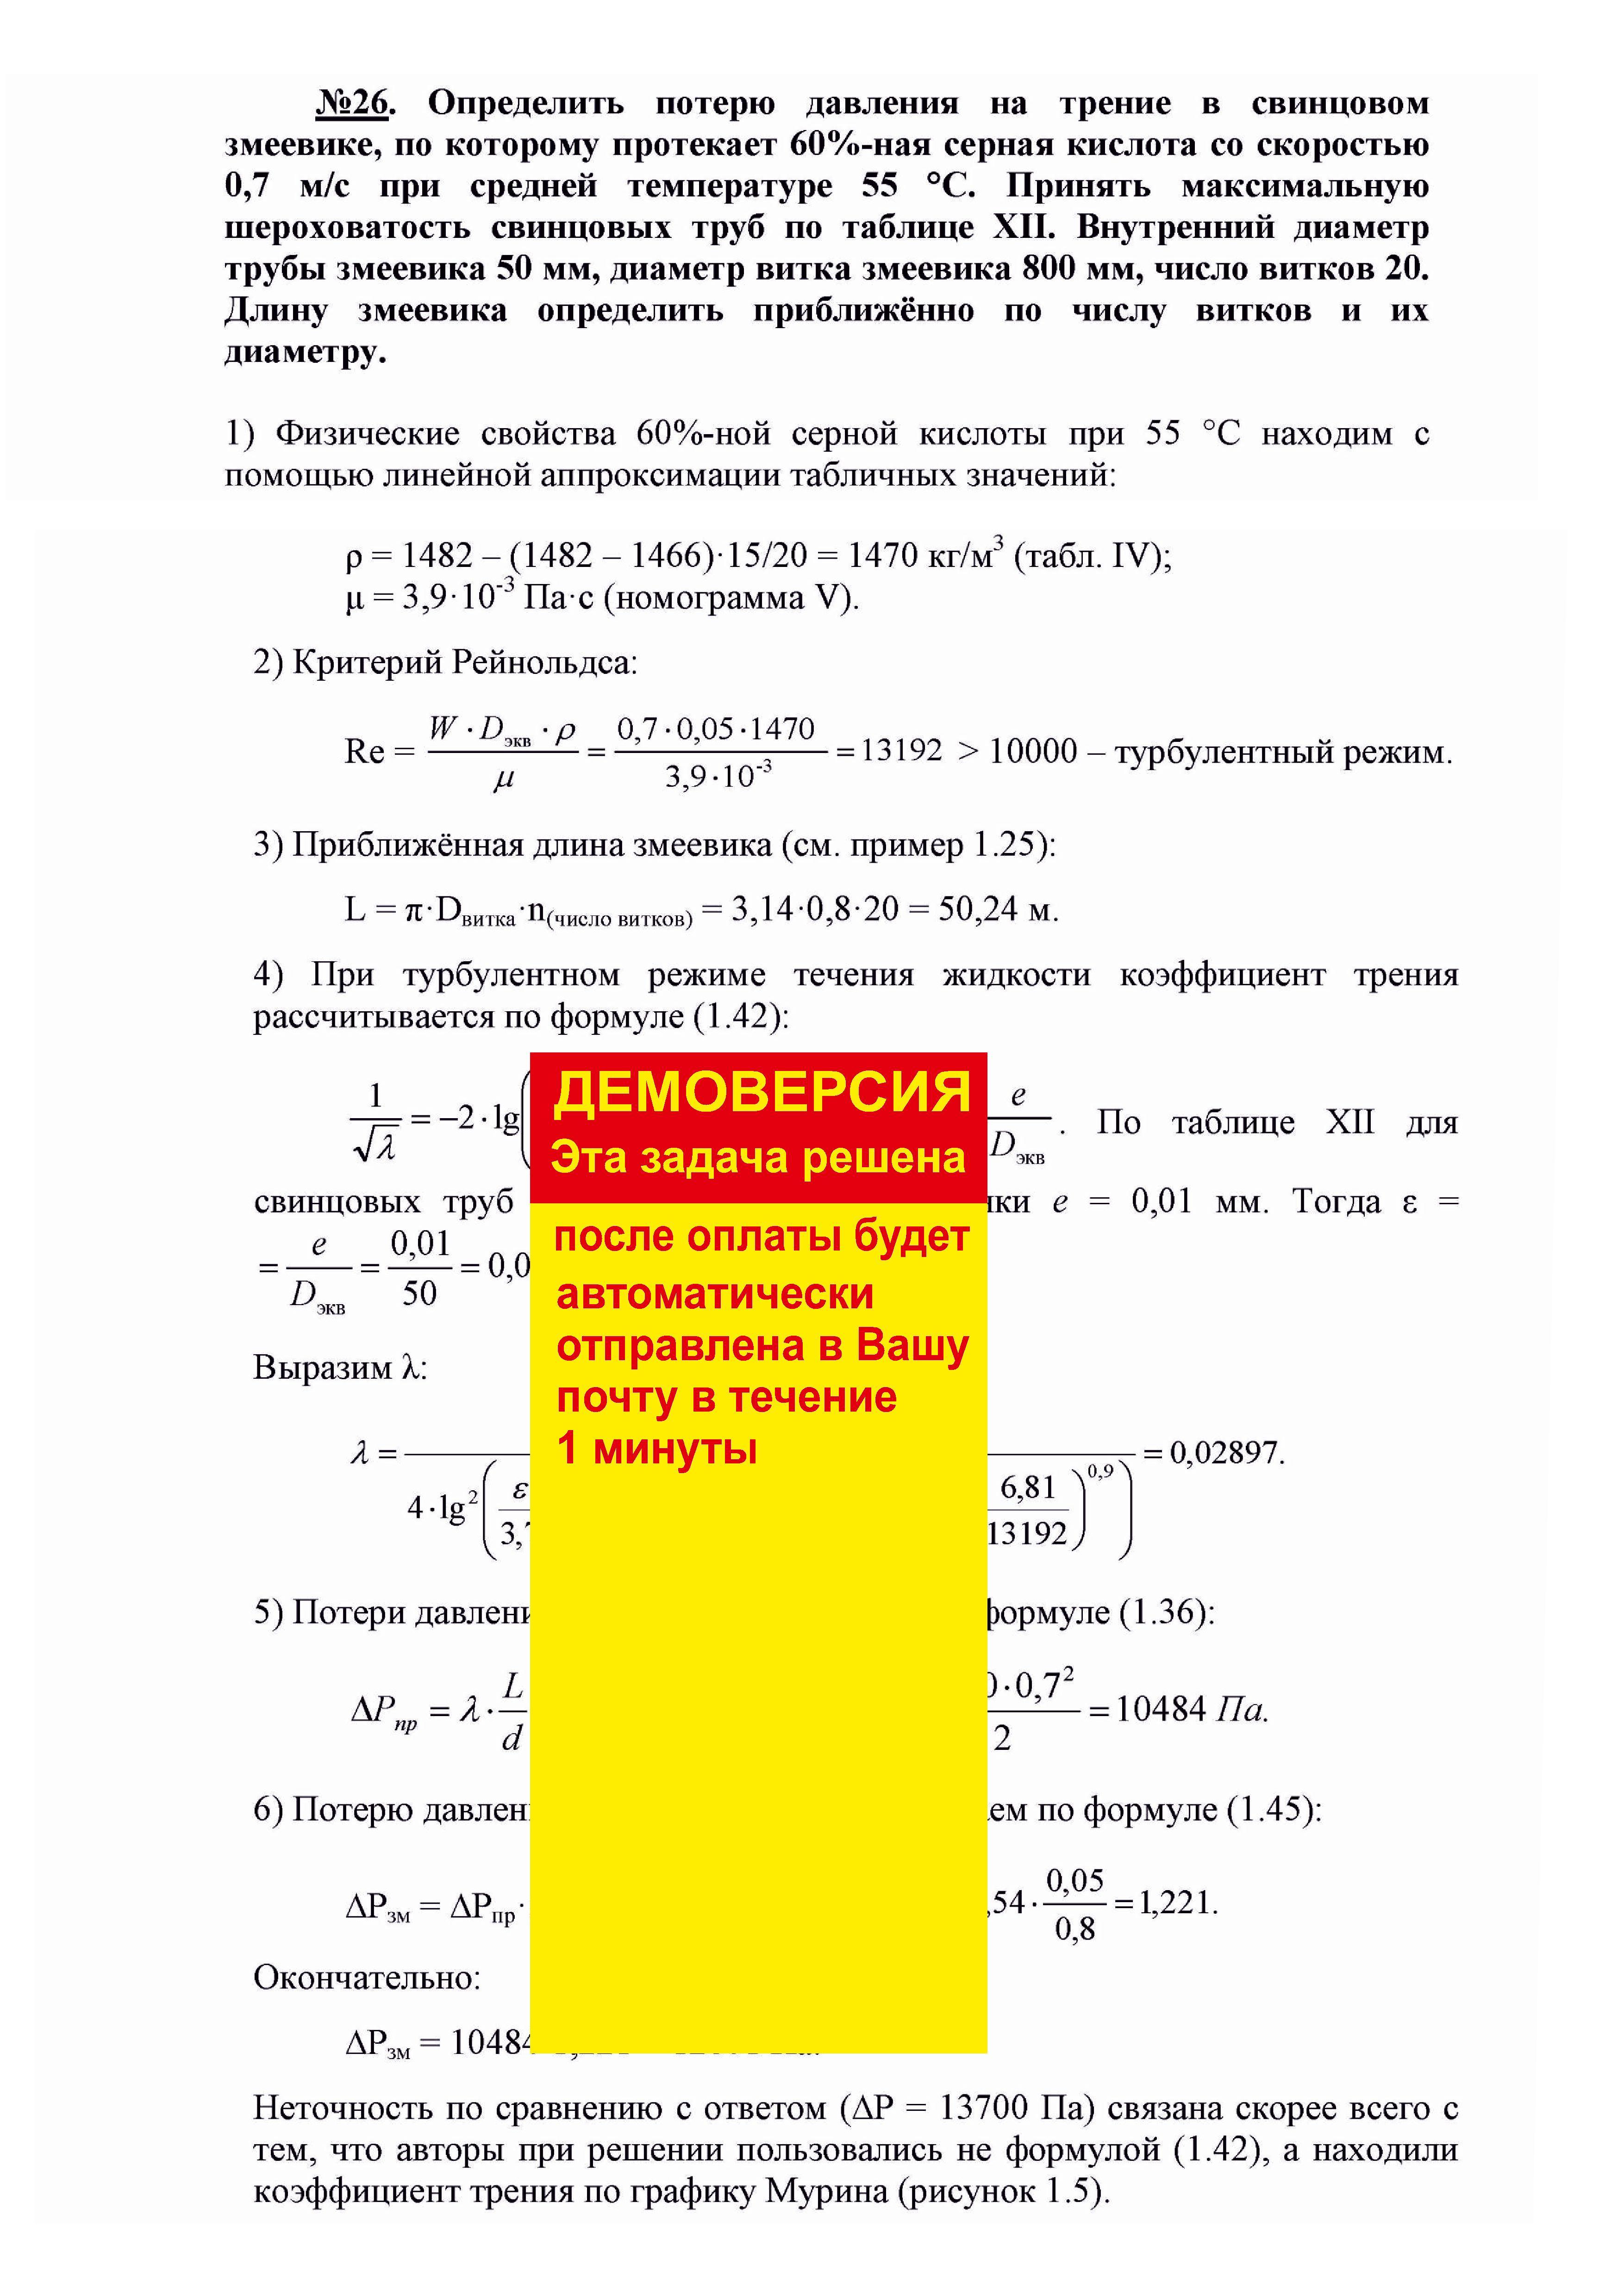 Решение задачи 1.26 по ПАХТ из задачника Павлова Романкова Носкова